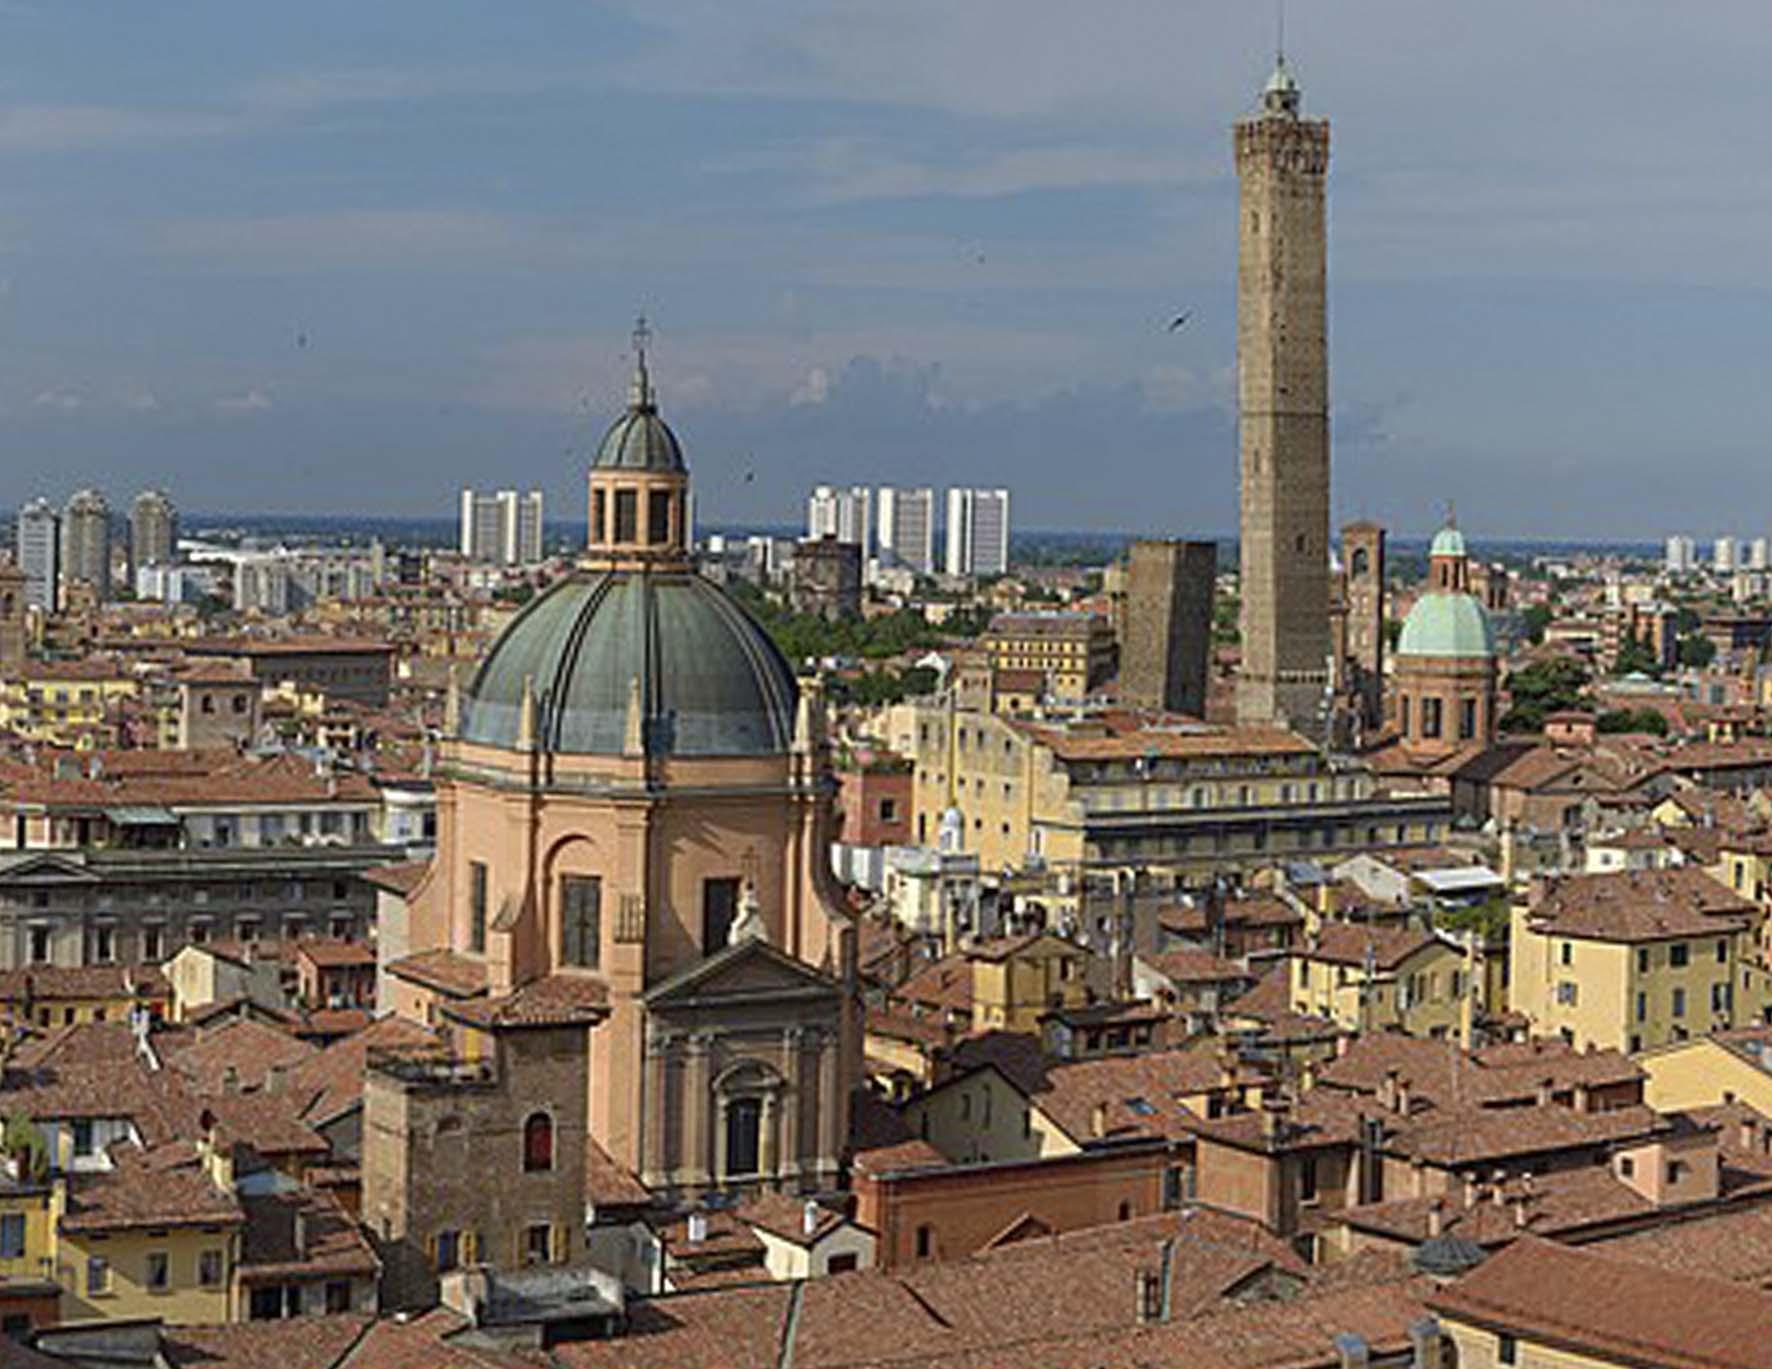 Stipendije za studij na Univerzitetu u Bolonji